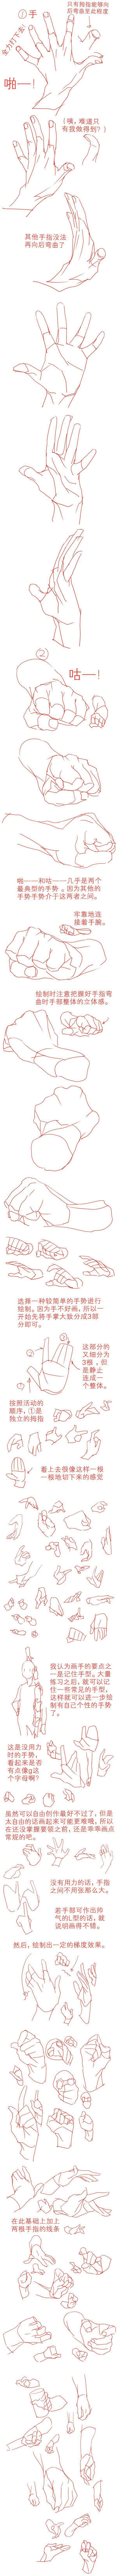 Dessiner la main